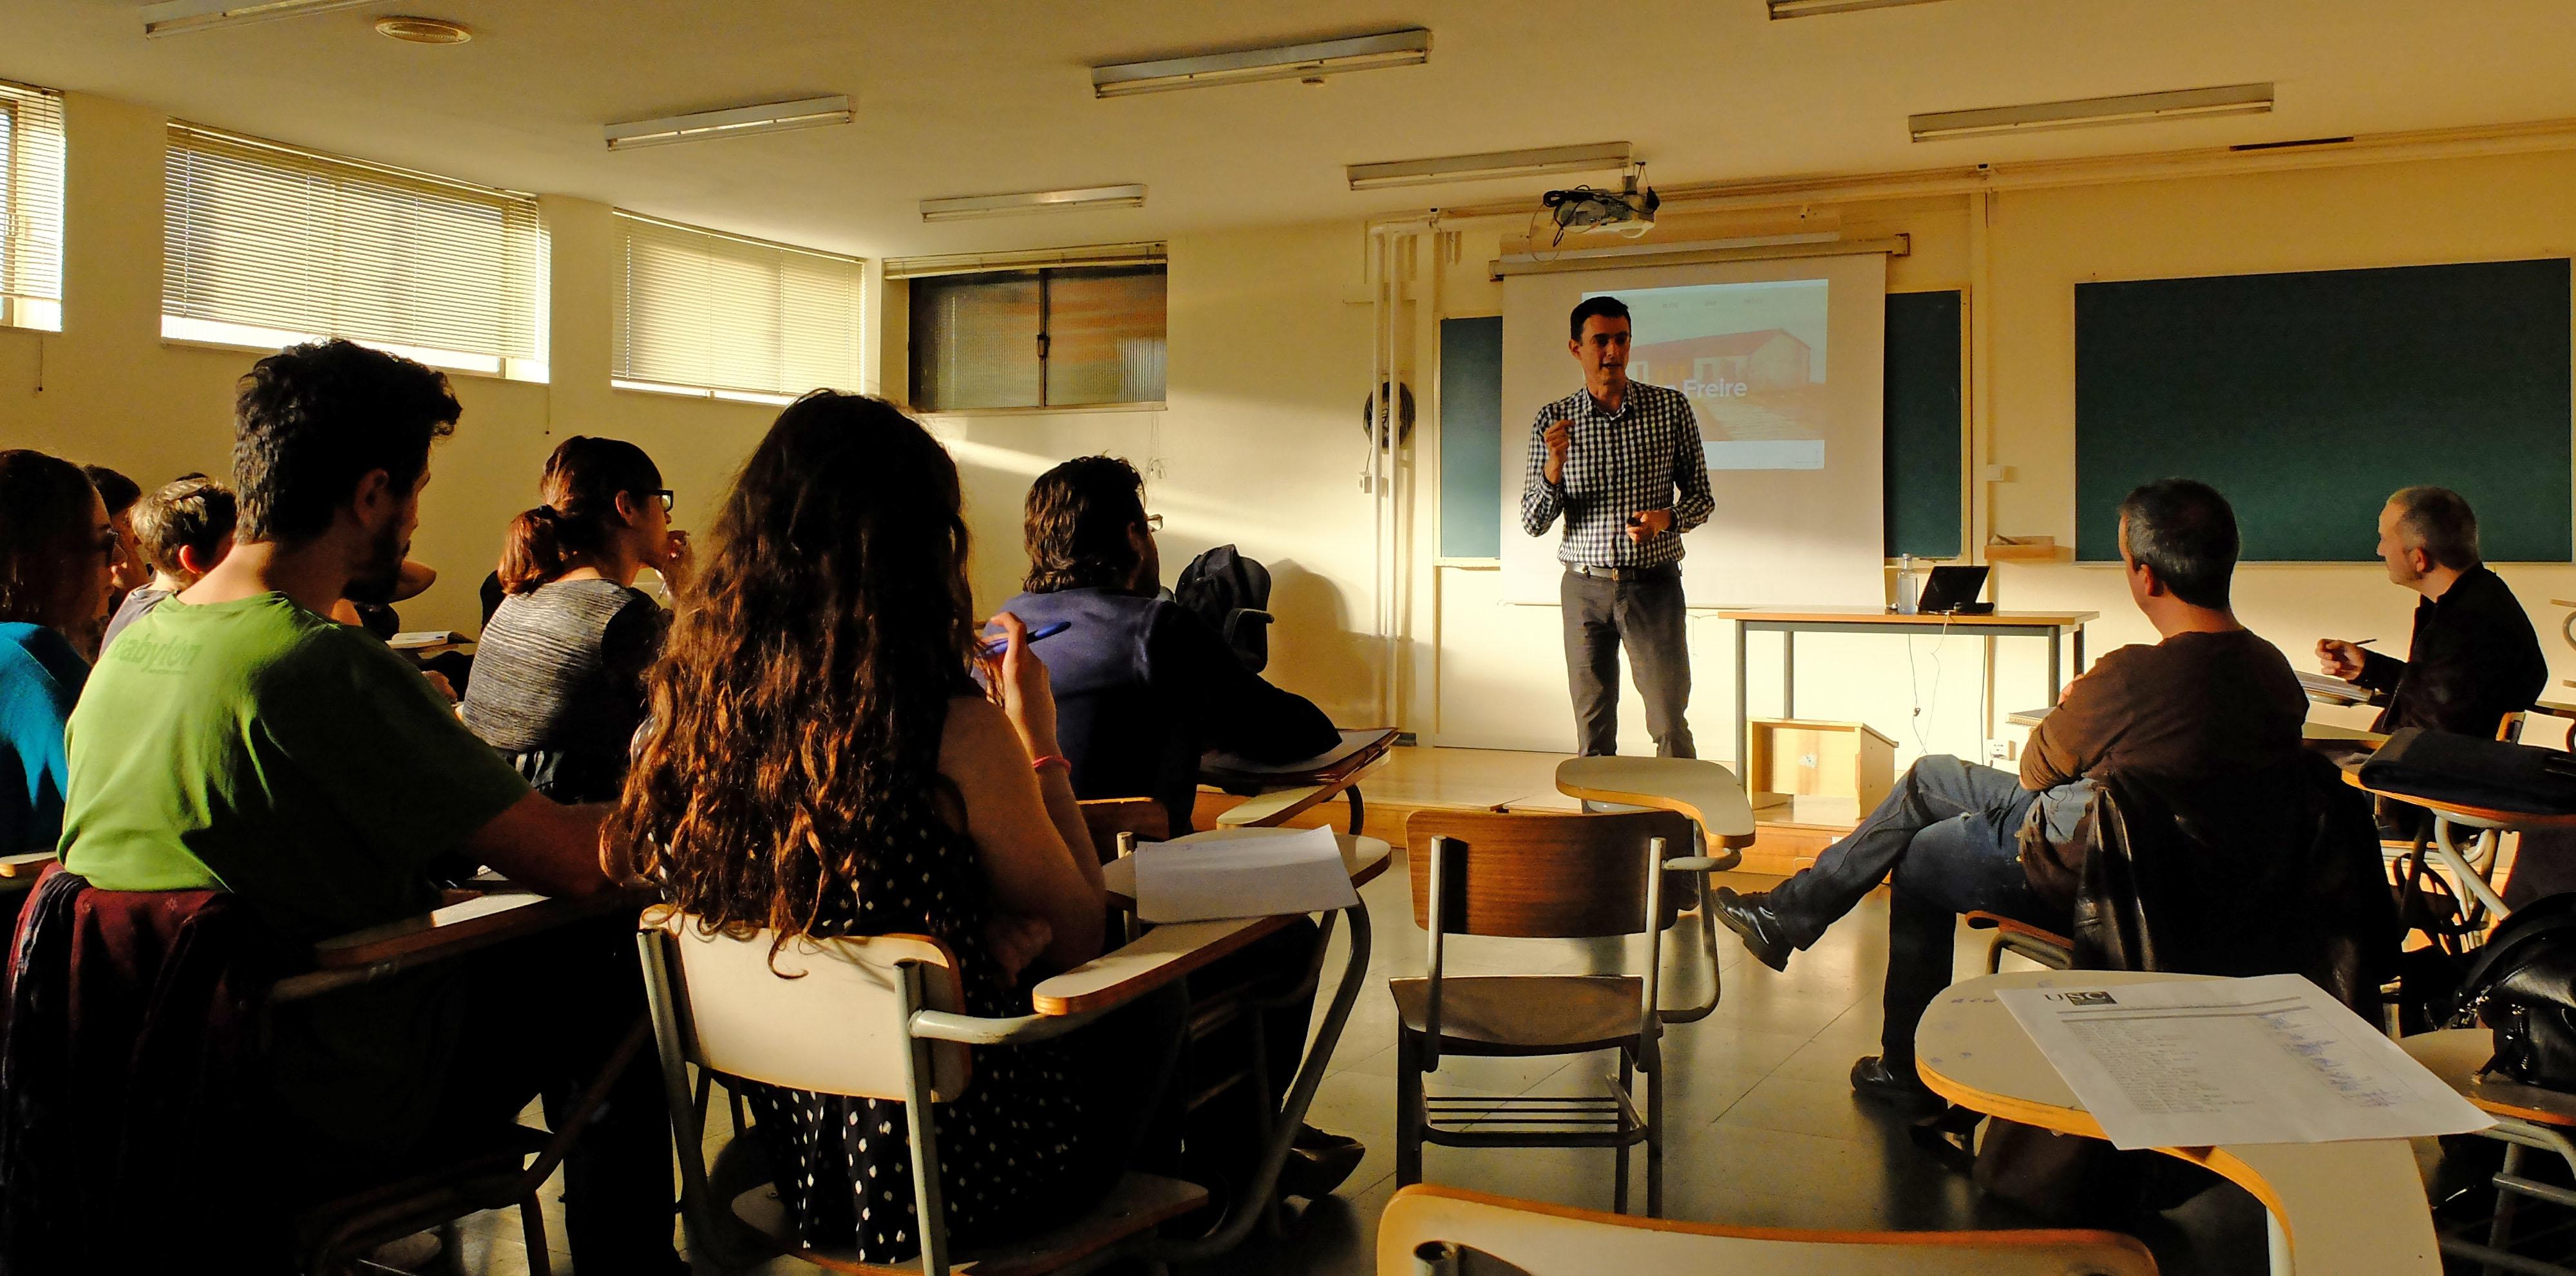 2015 11 13 - Sesión Juan Freire- Fotos Nela